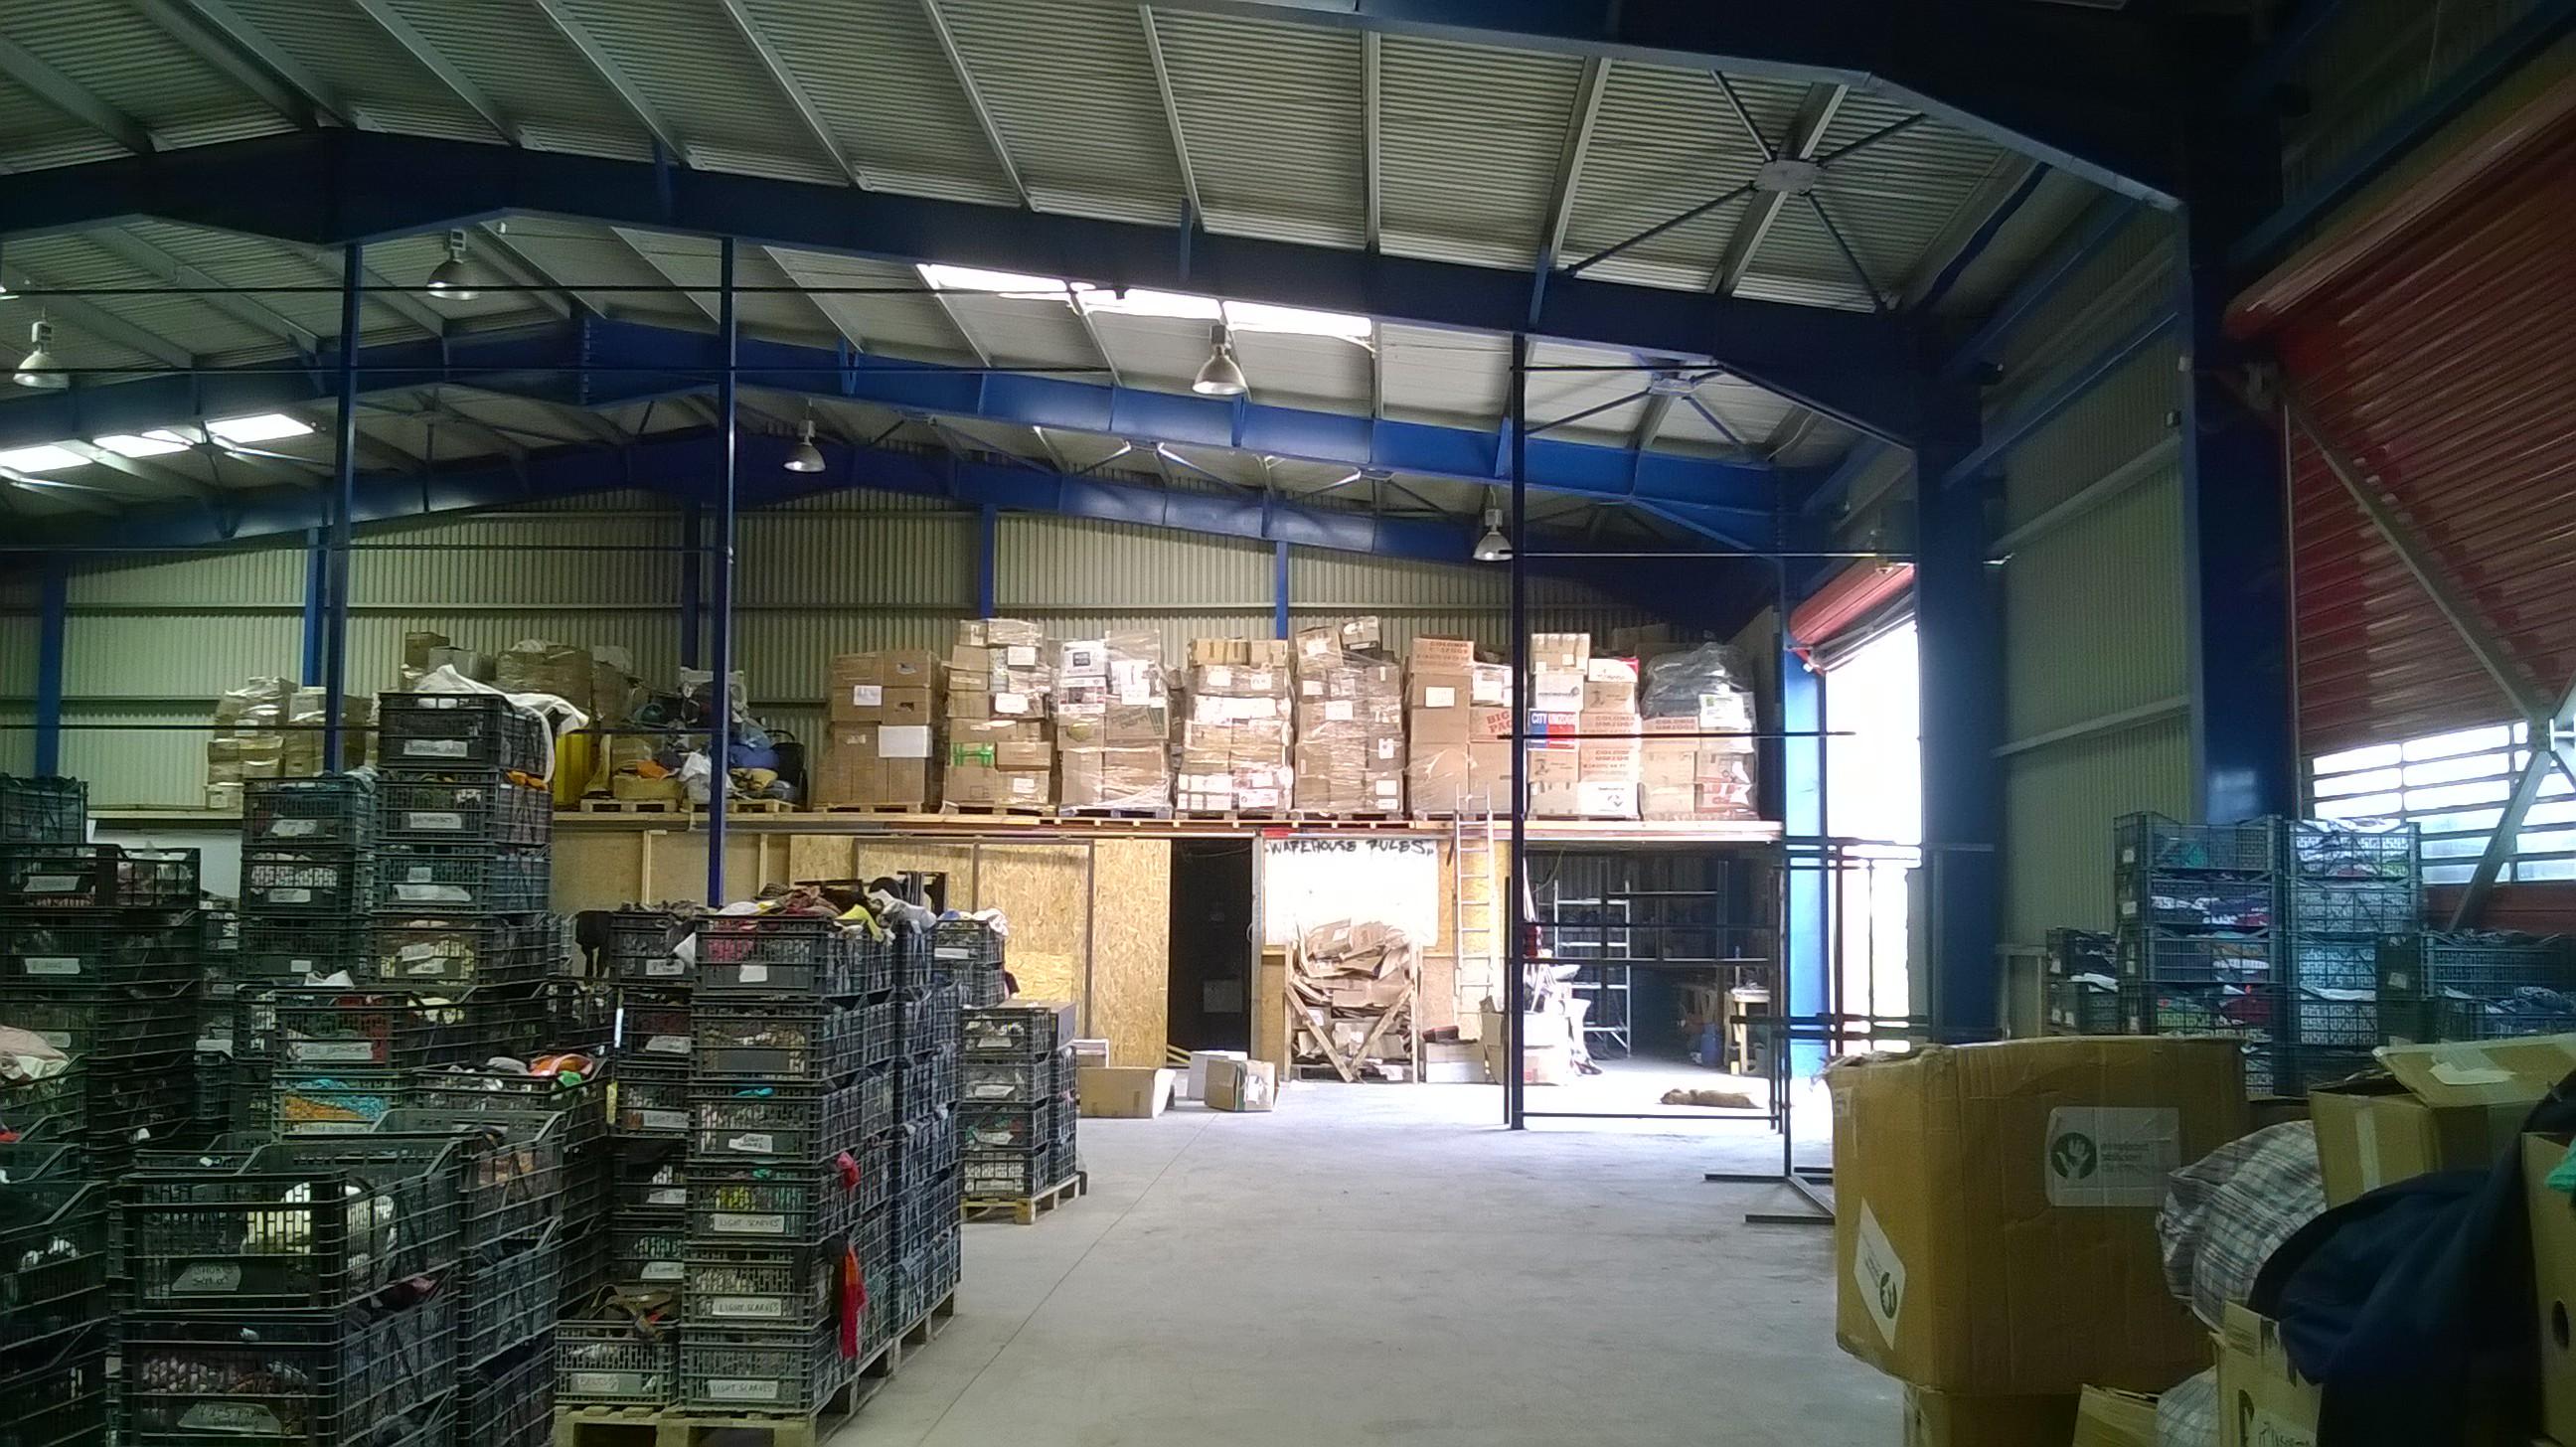 warehouse - aid hoc Hilfseinsatz Flüchtlingslager Griechenland